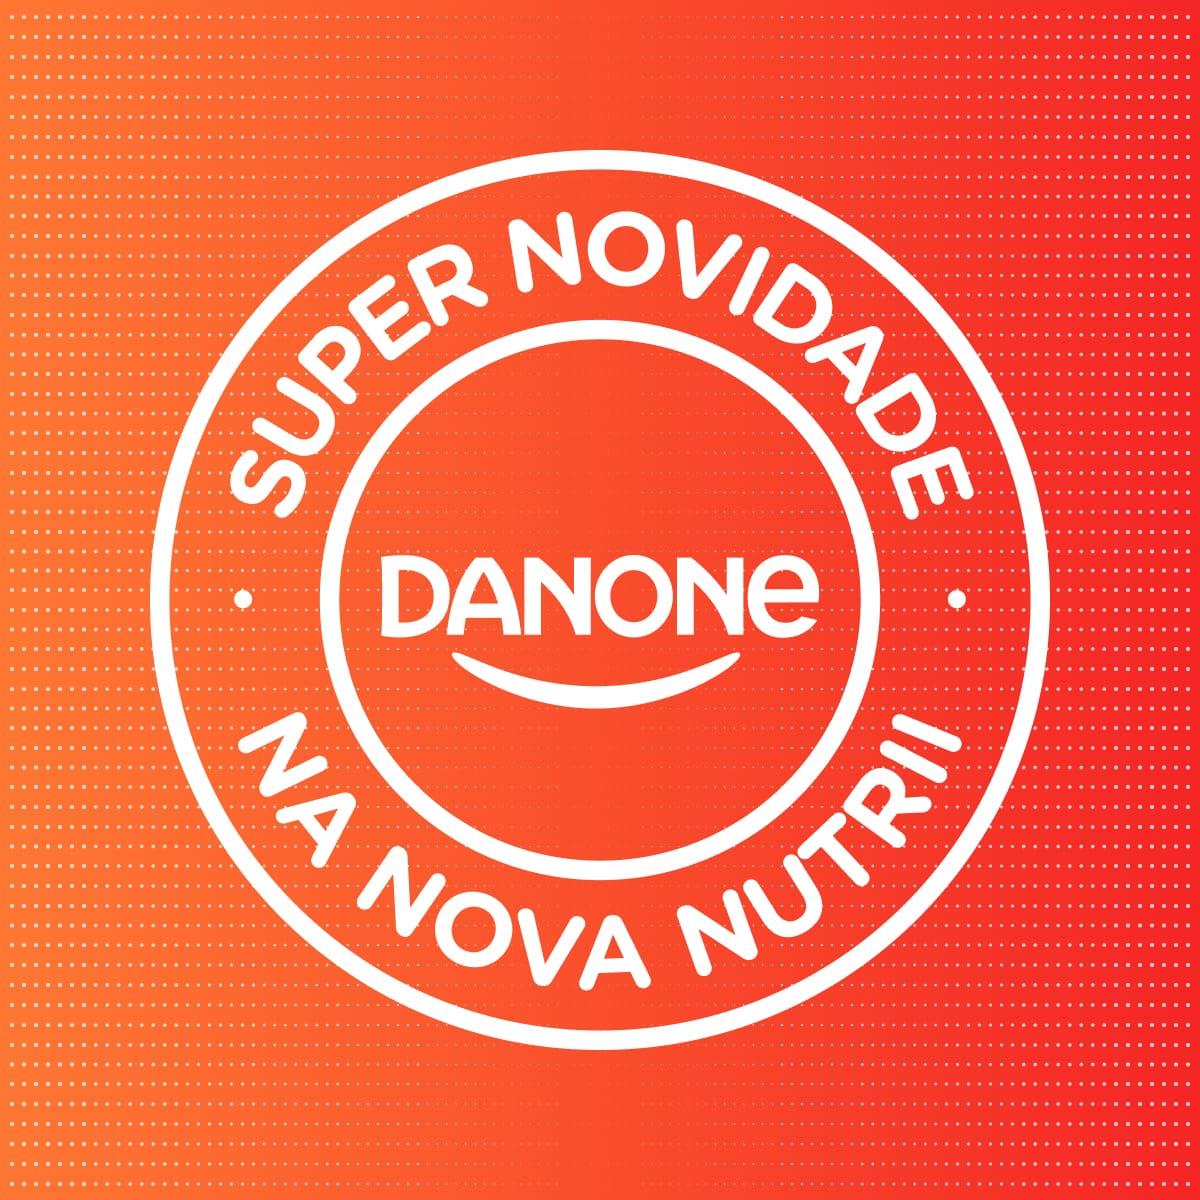 A Danone chegou na Nova Nutrii